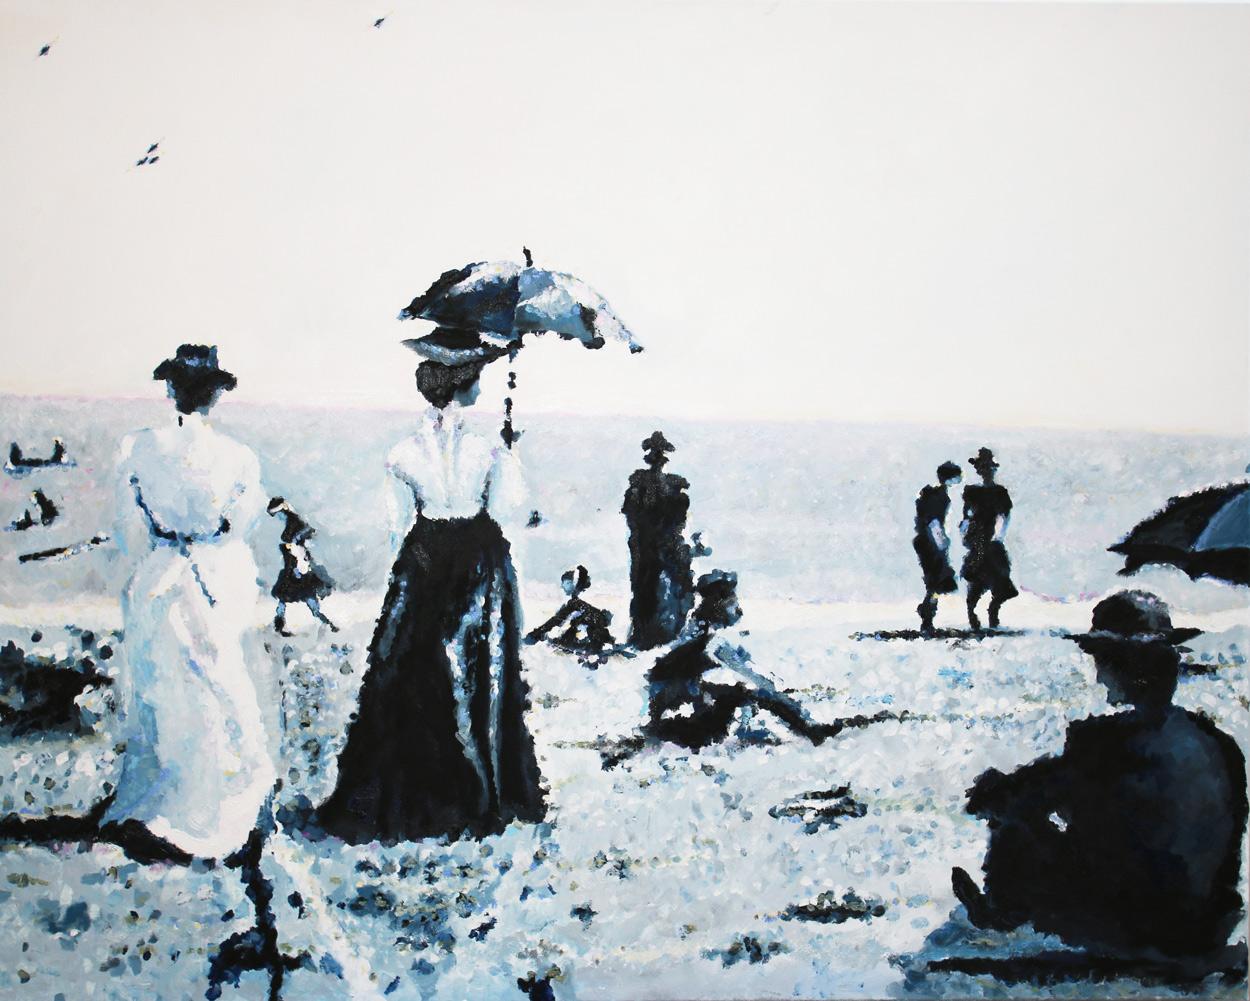 Mesdames sur Mer, 2018, oil on canvas, 80 x 100 cm